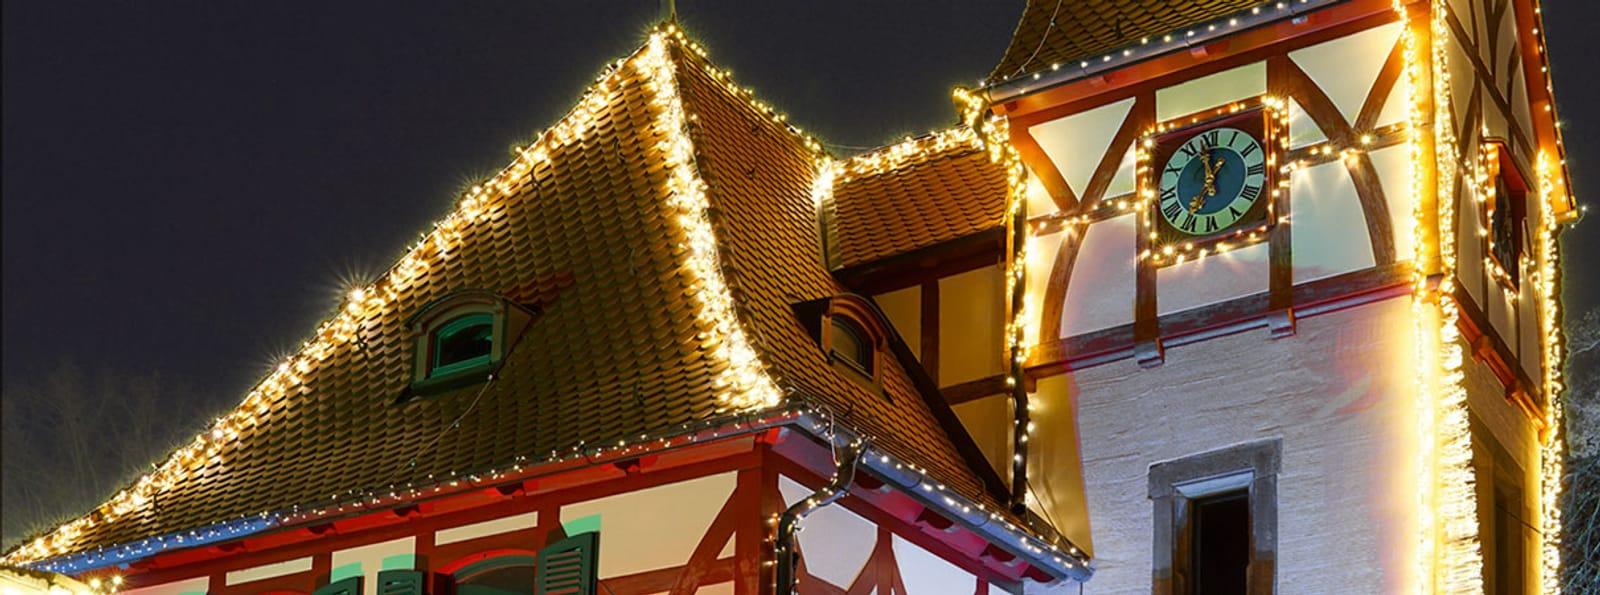 Romantischer Weihnachtsmarkt Gut Wolfgangshof